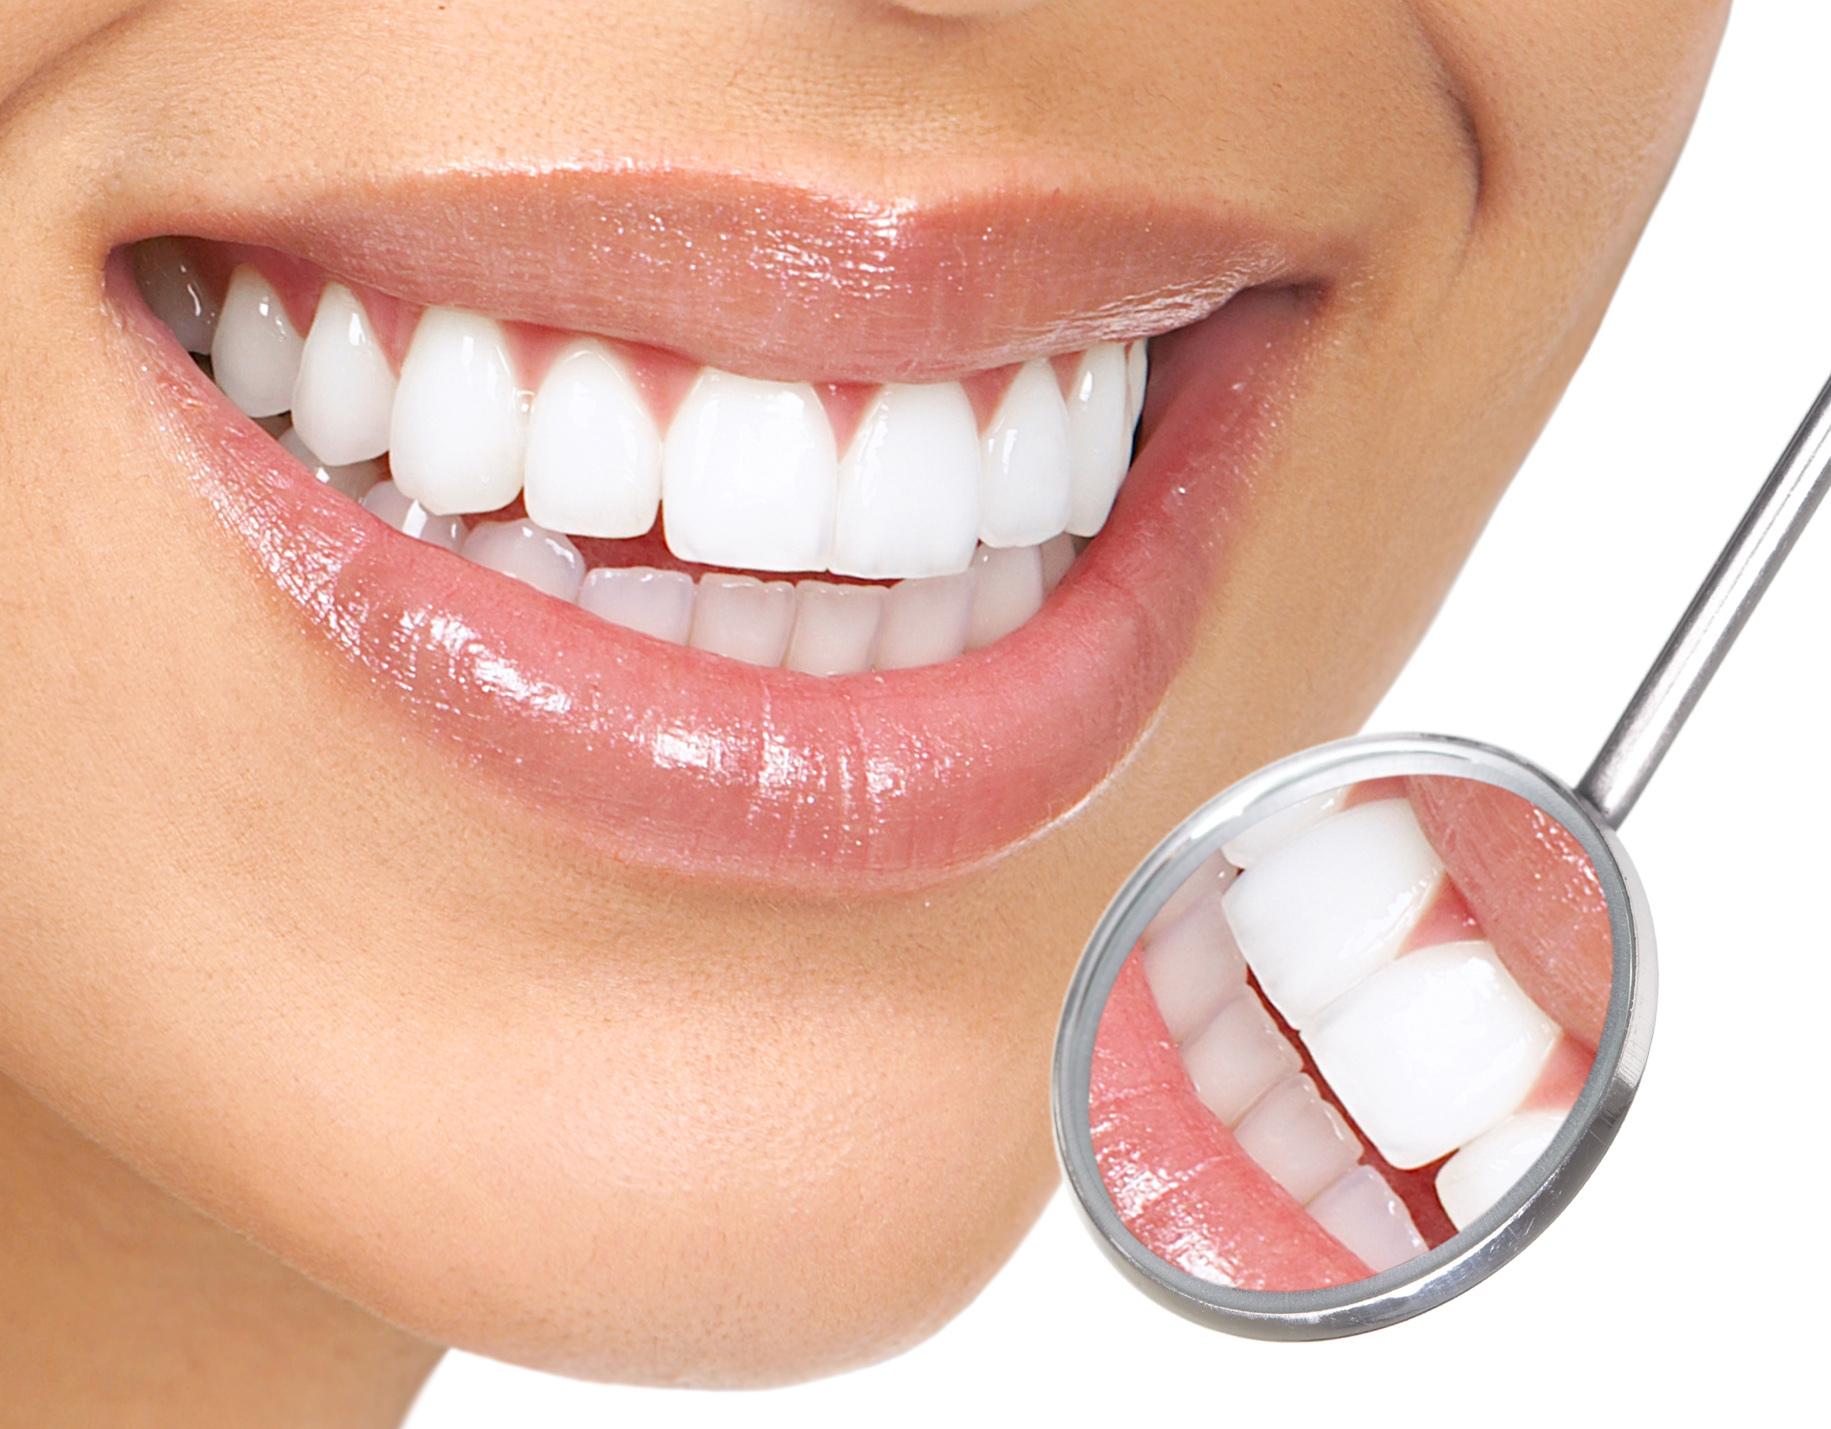 Yapay Dişlerle de Doğal Görünüm Sağlanabiliyor